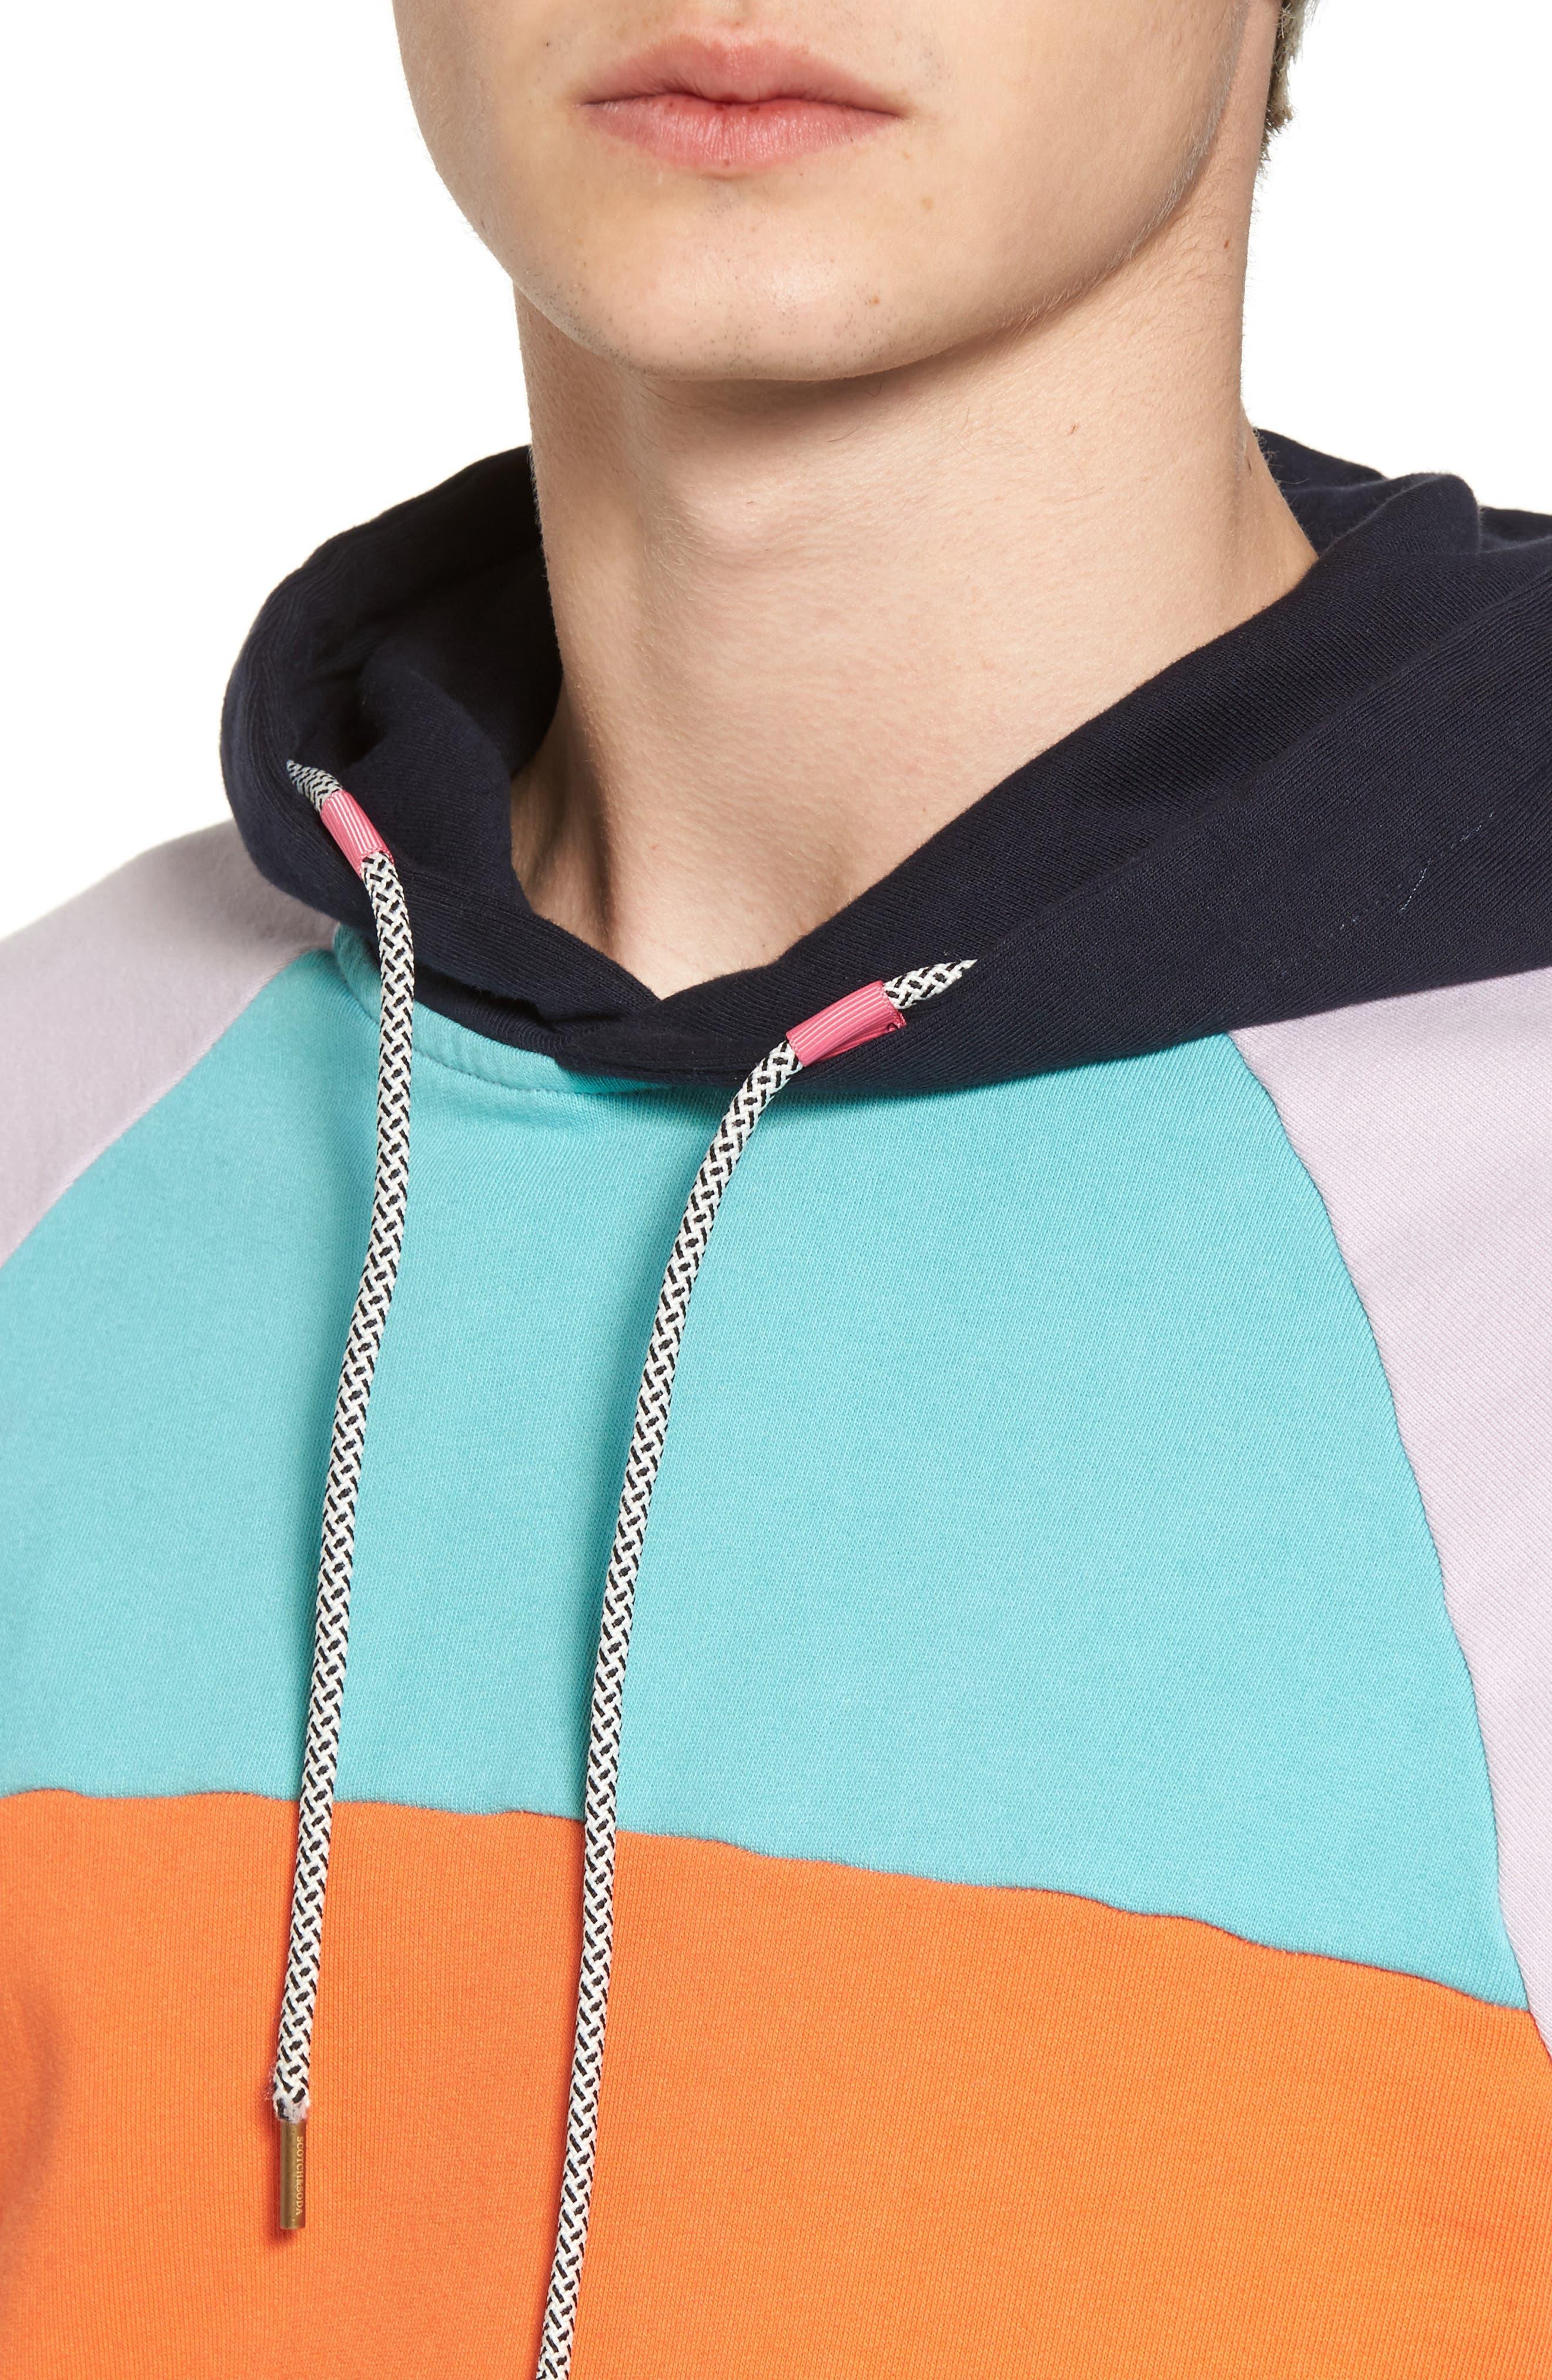 Summer Colorblock Hoodie Sweatshirt,                             Alternate thumbnail 4, color,                             100